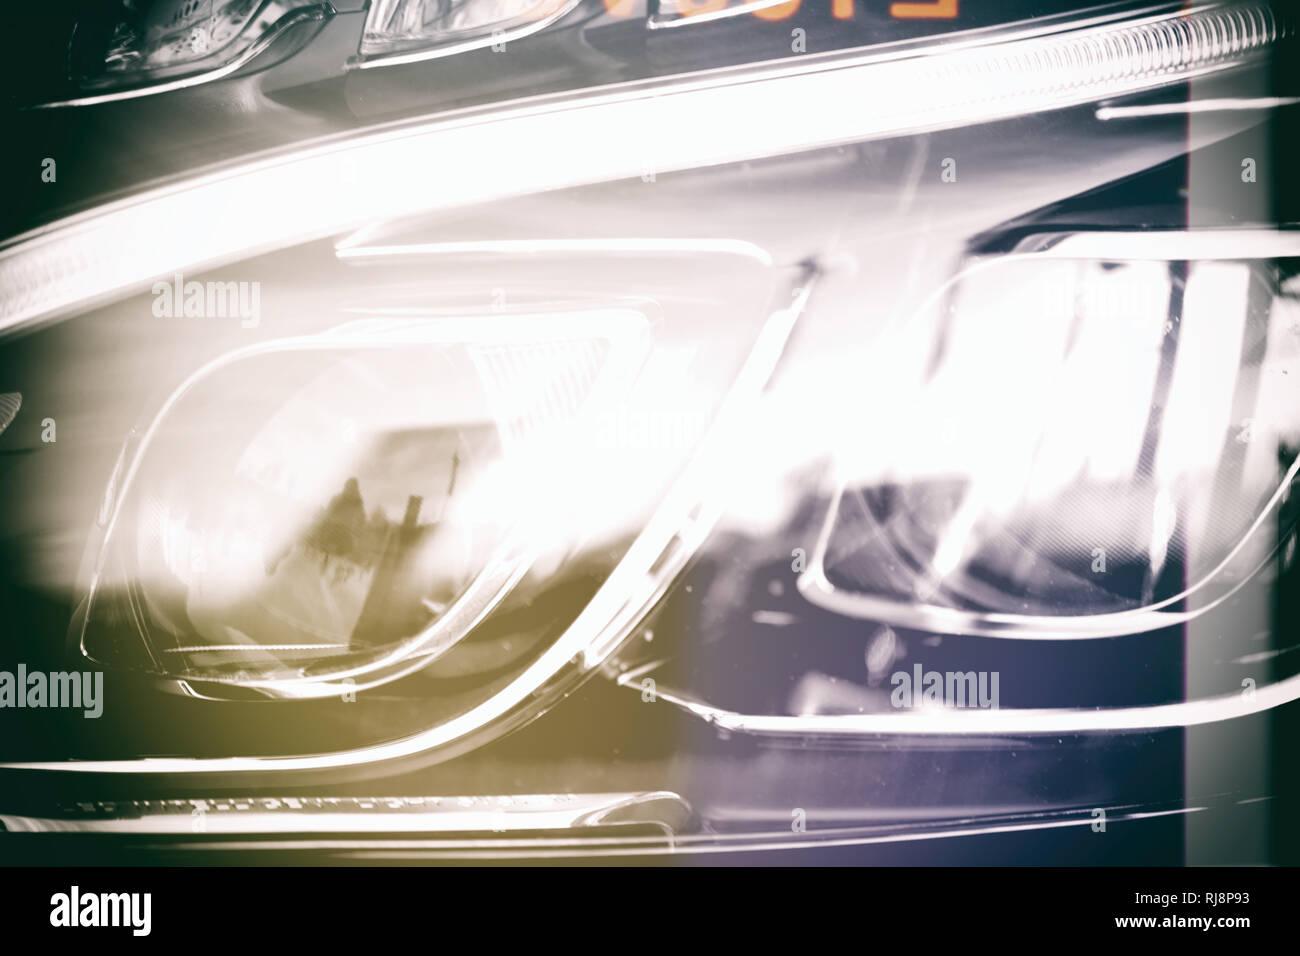 Nahaufnahme des Frontlichtes eines Kraftfahrzeuges mit Neonscheinwerfern. - Stock Image